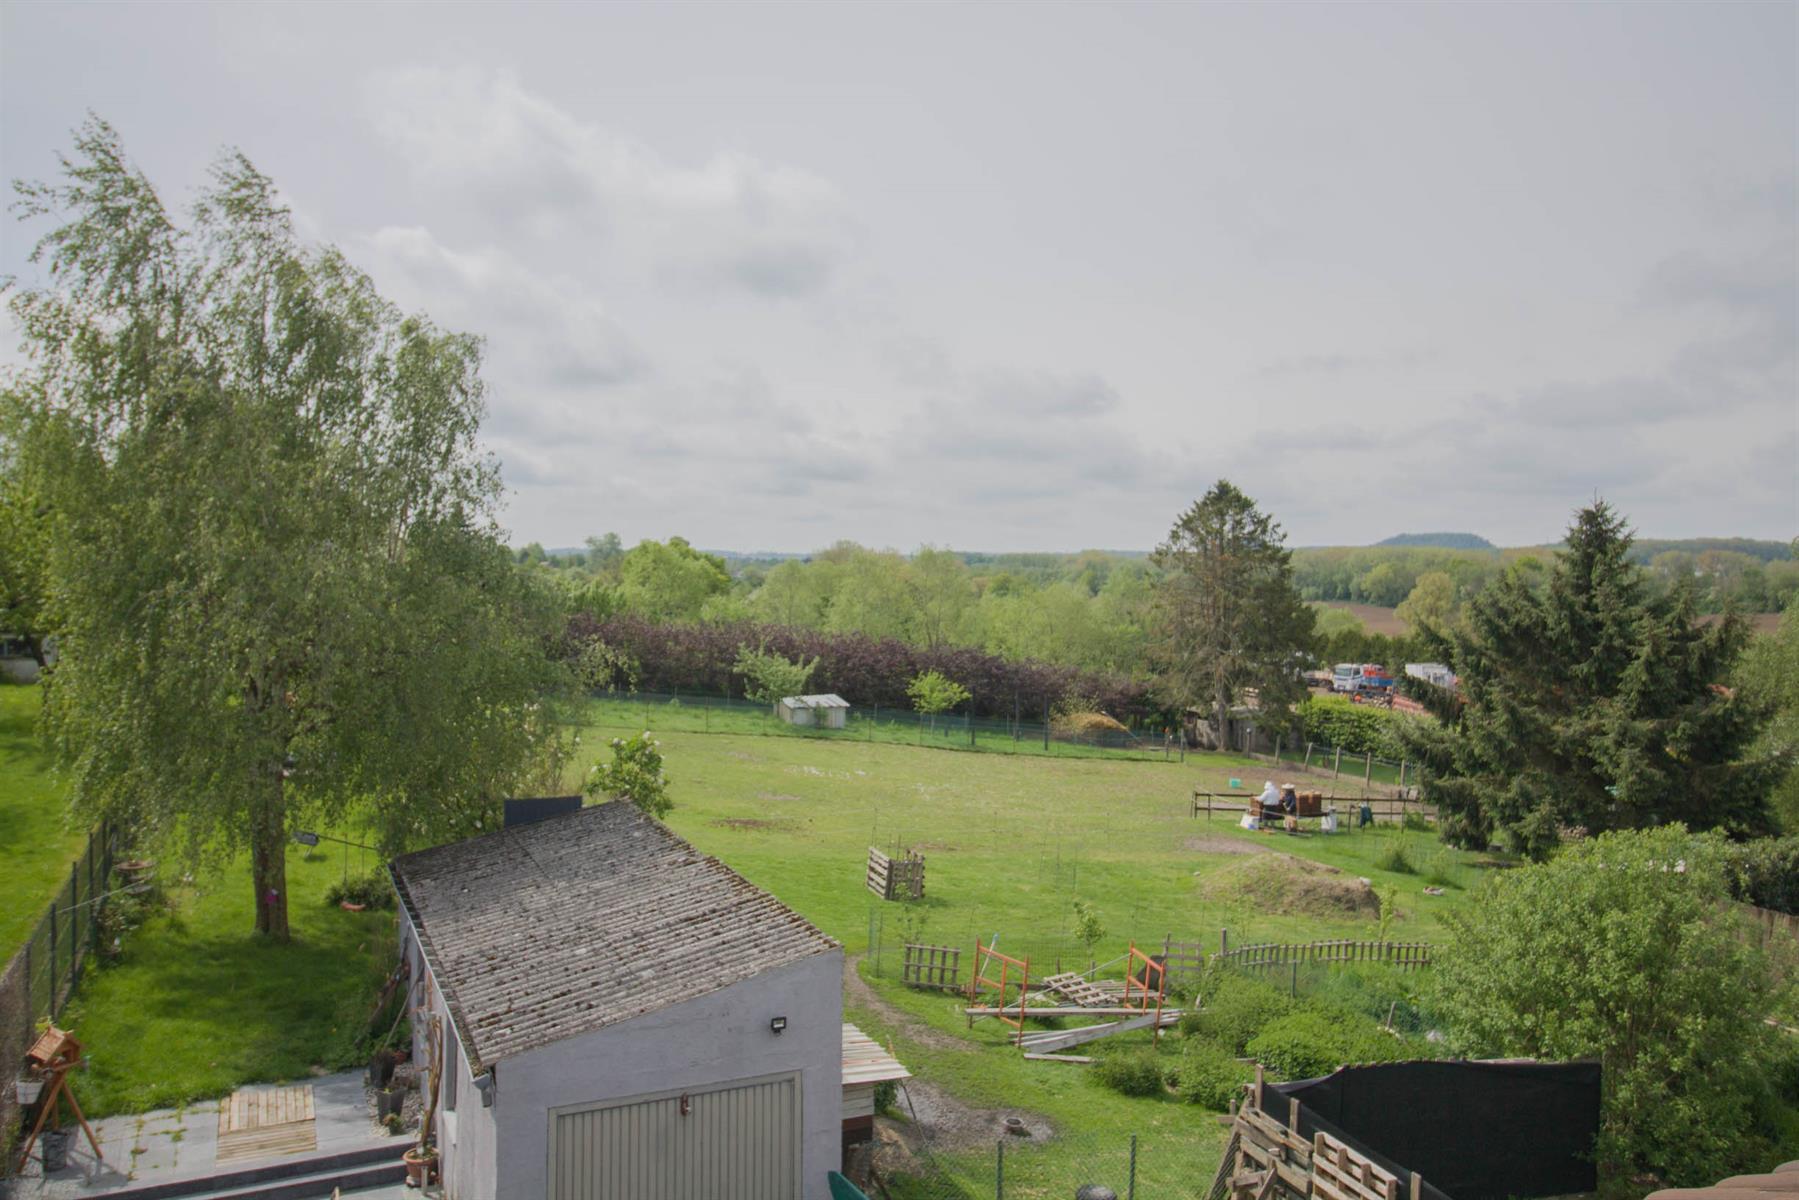 Maison - Forchies-la-Marche - #4381660-29